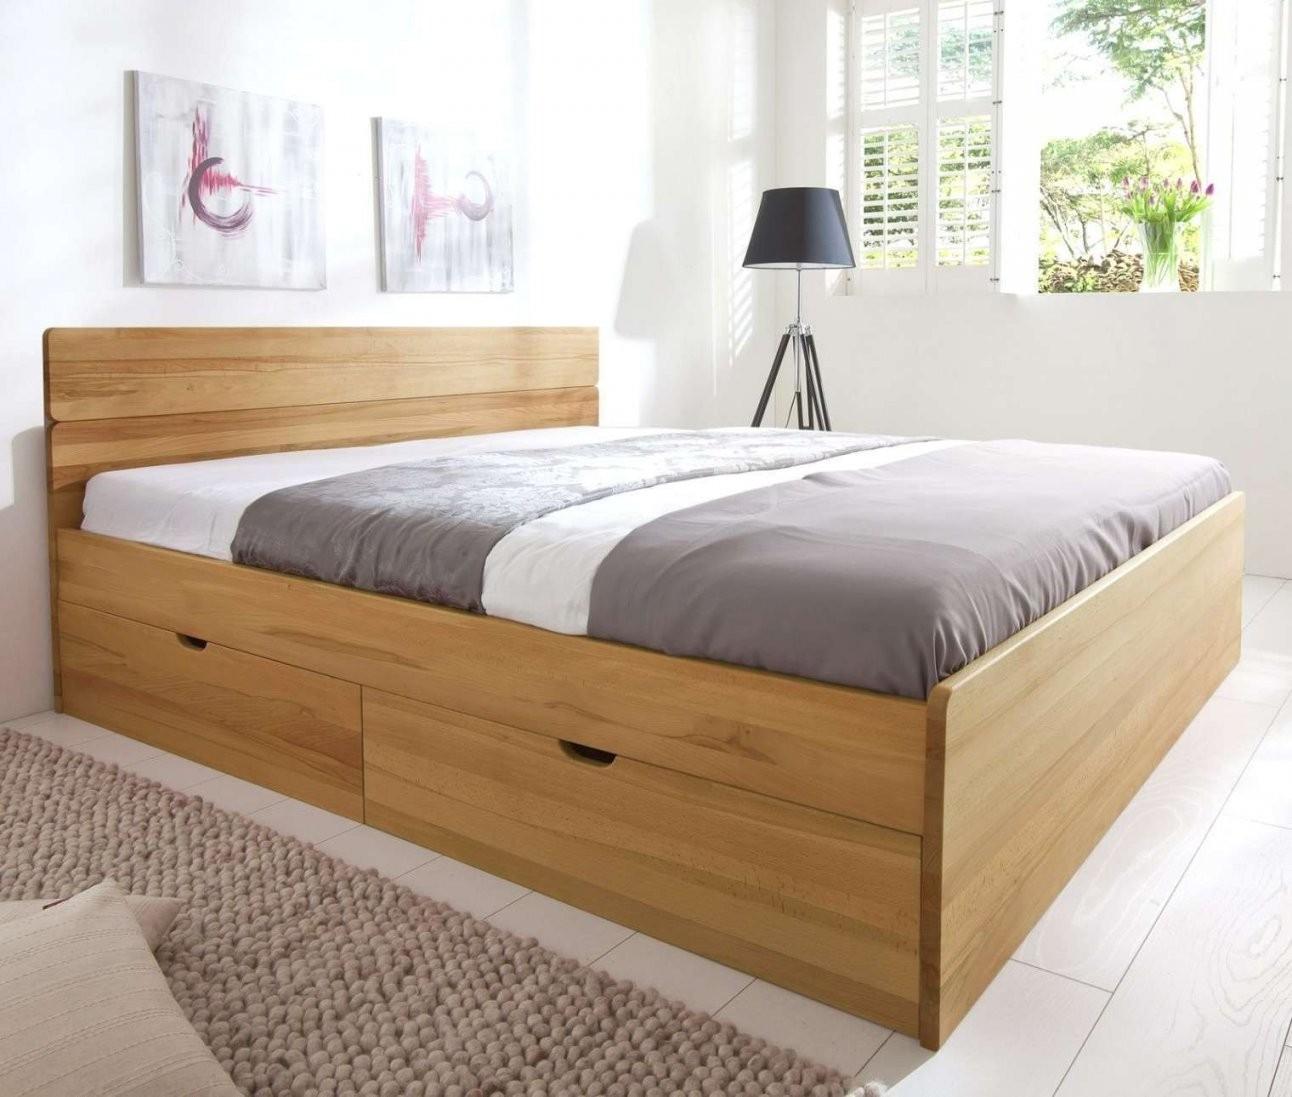 Doppelbett Gebraucht Luxus Bett 140×200 Gebraucht Neu Betten Bei von Gebrauchte Betten 140X200 Photo